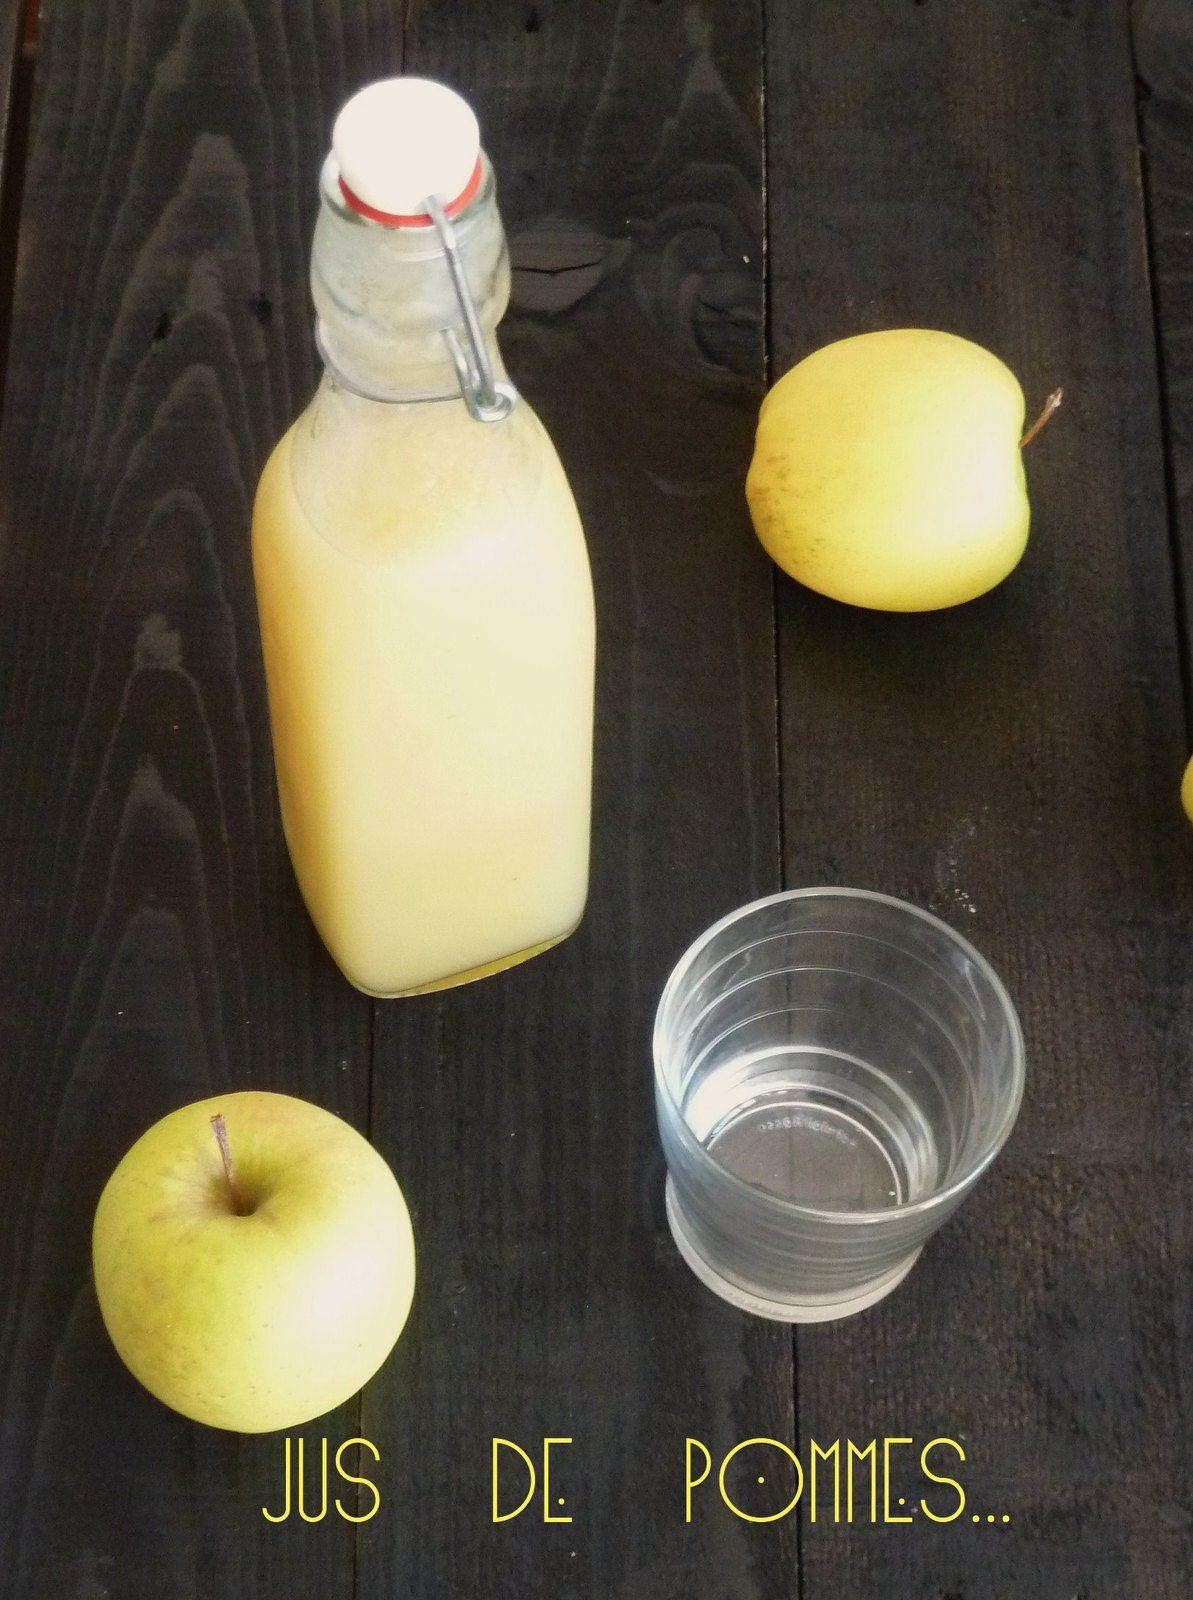 Jus de pomme maison